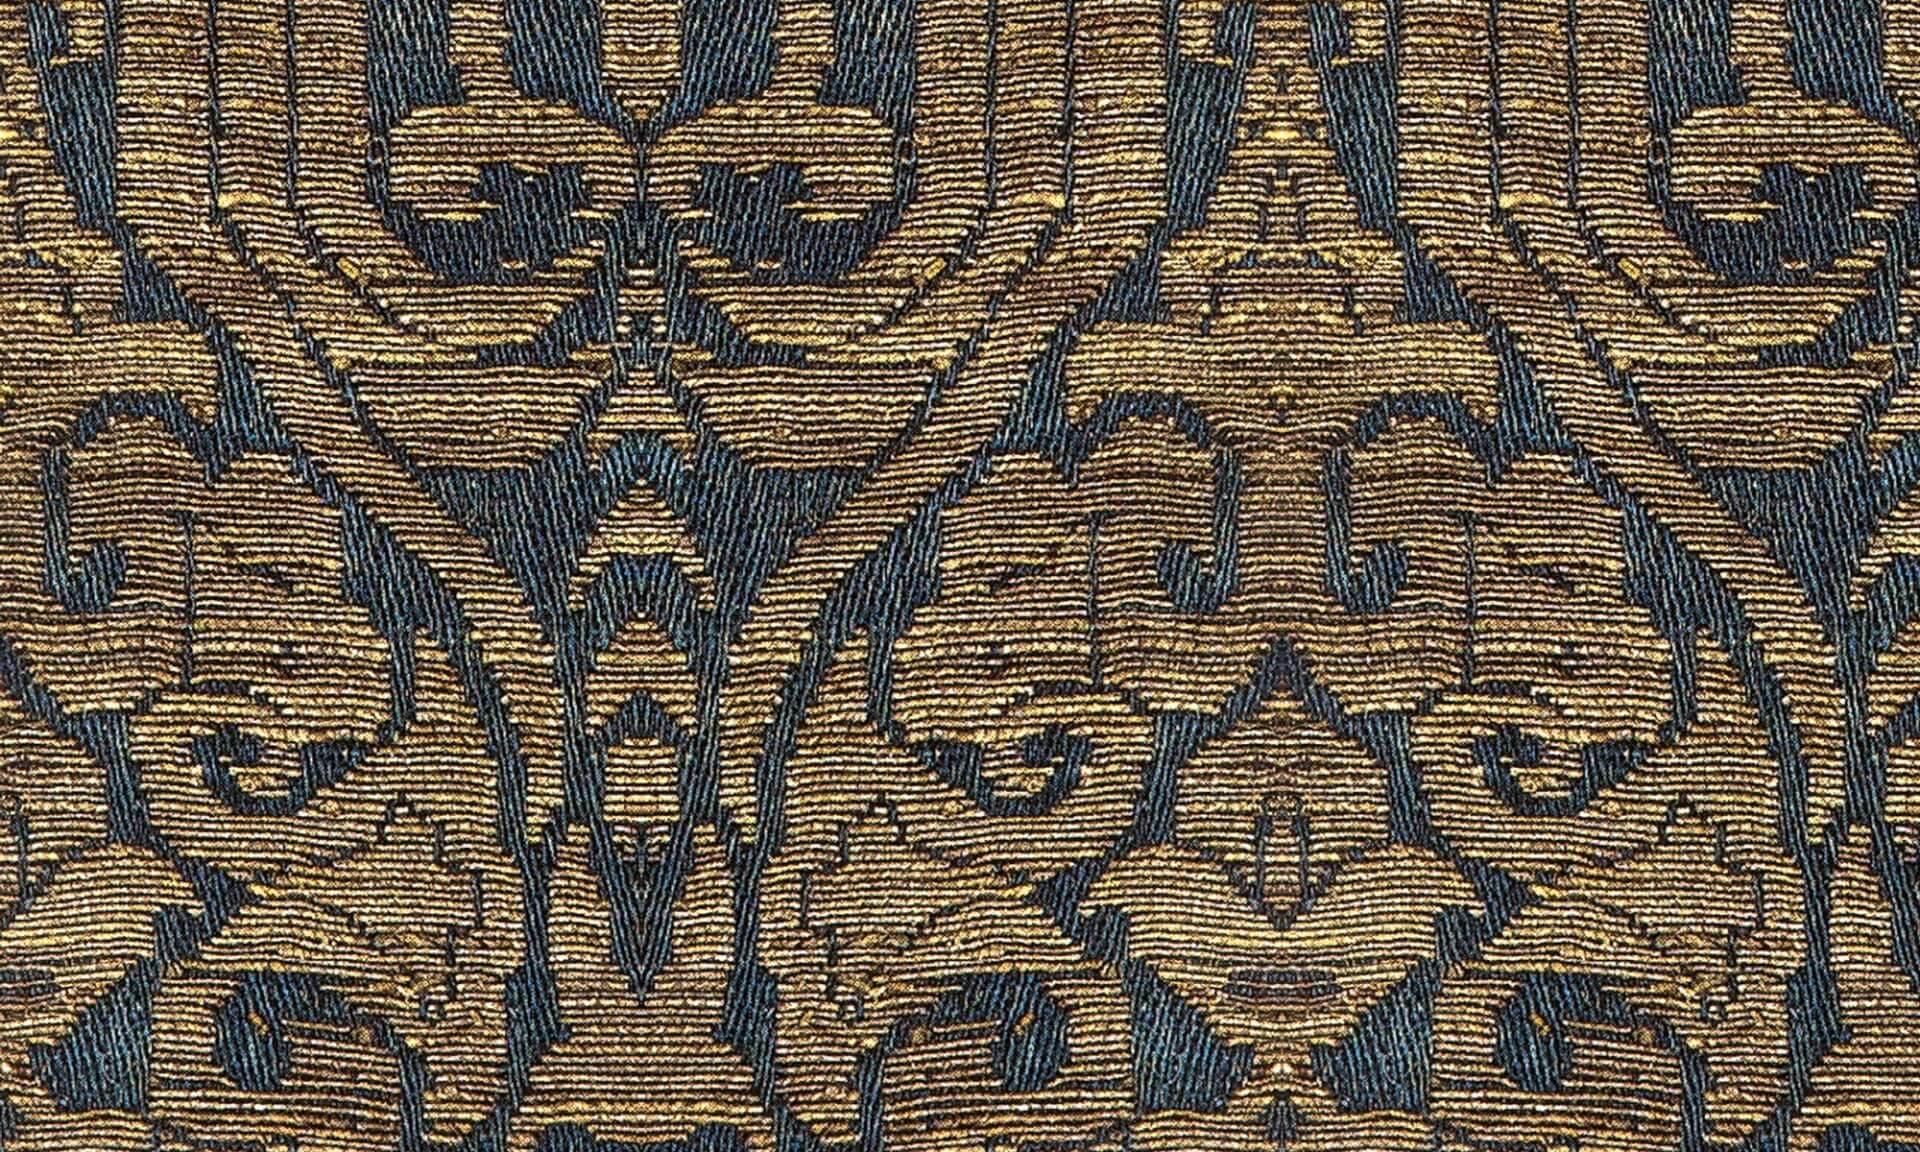 Textile_DE2758 Doug Garrabrants